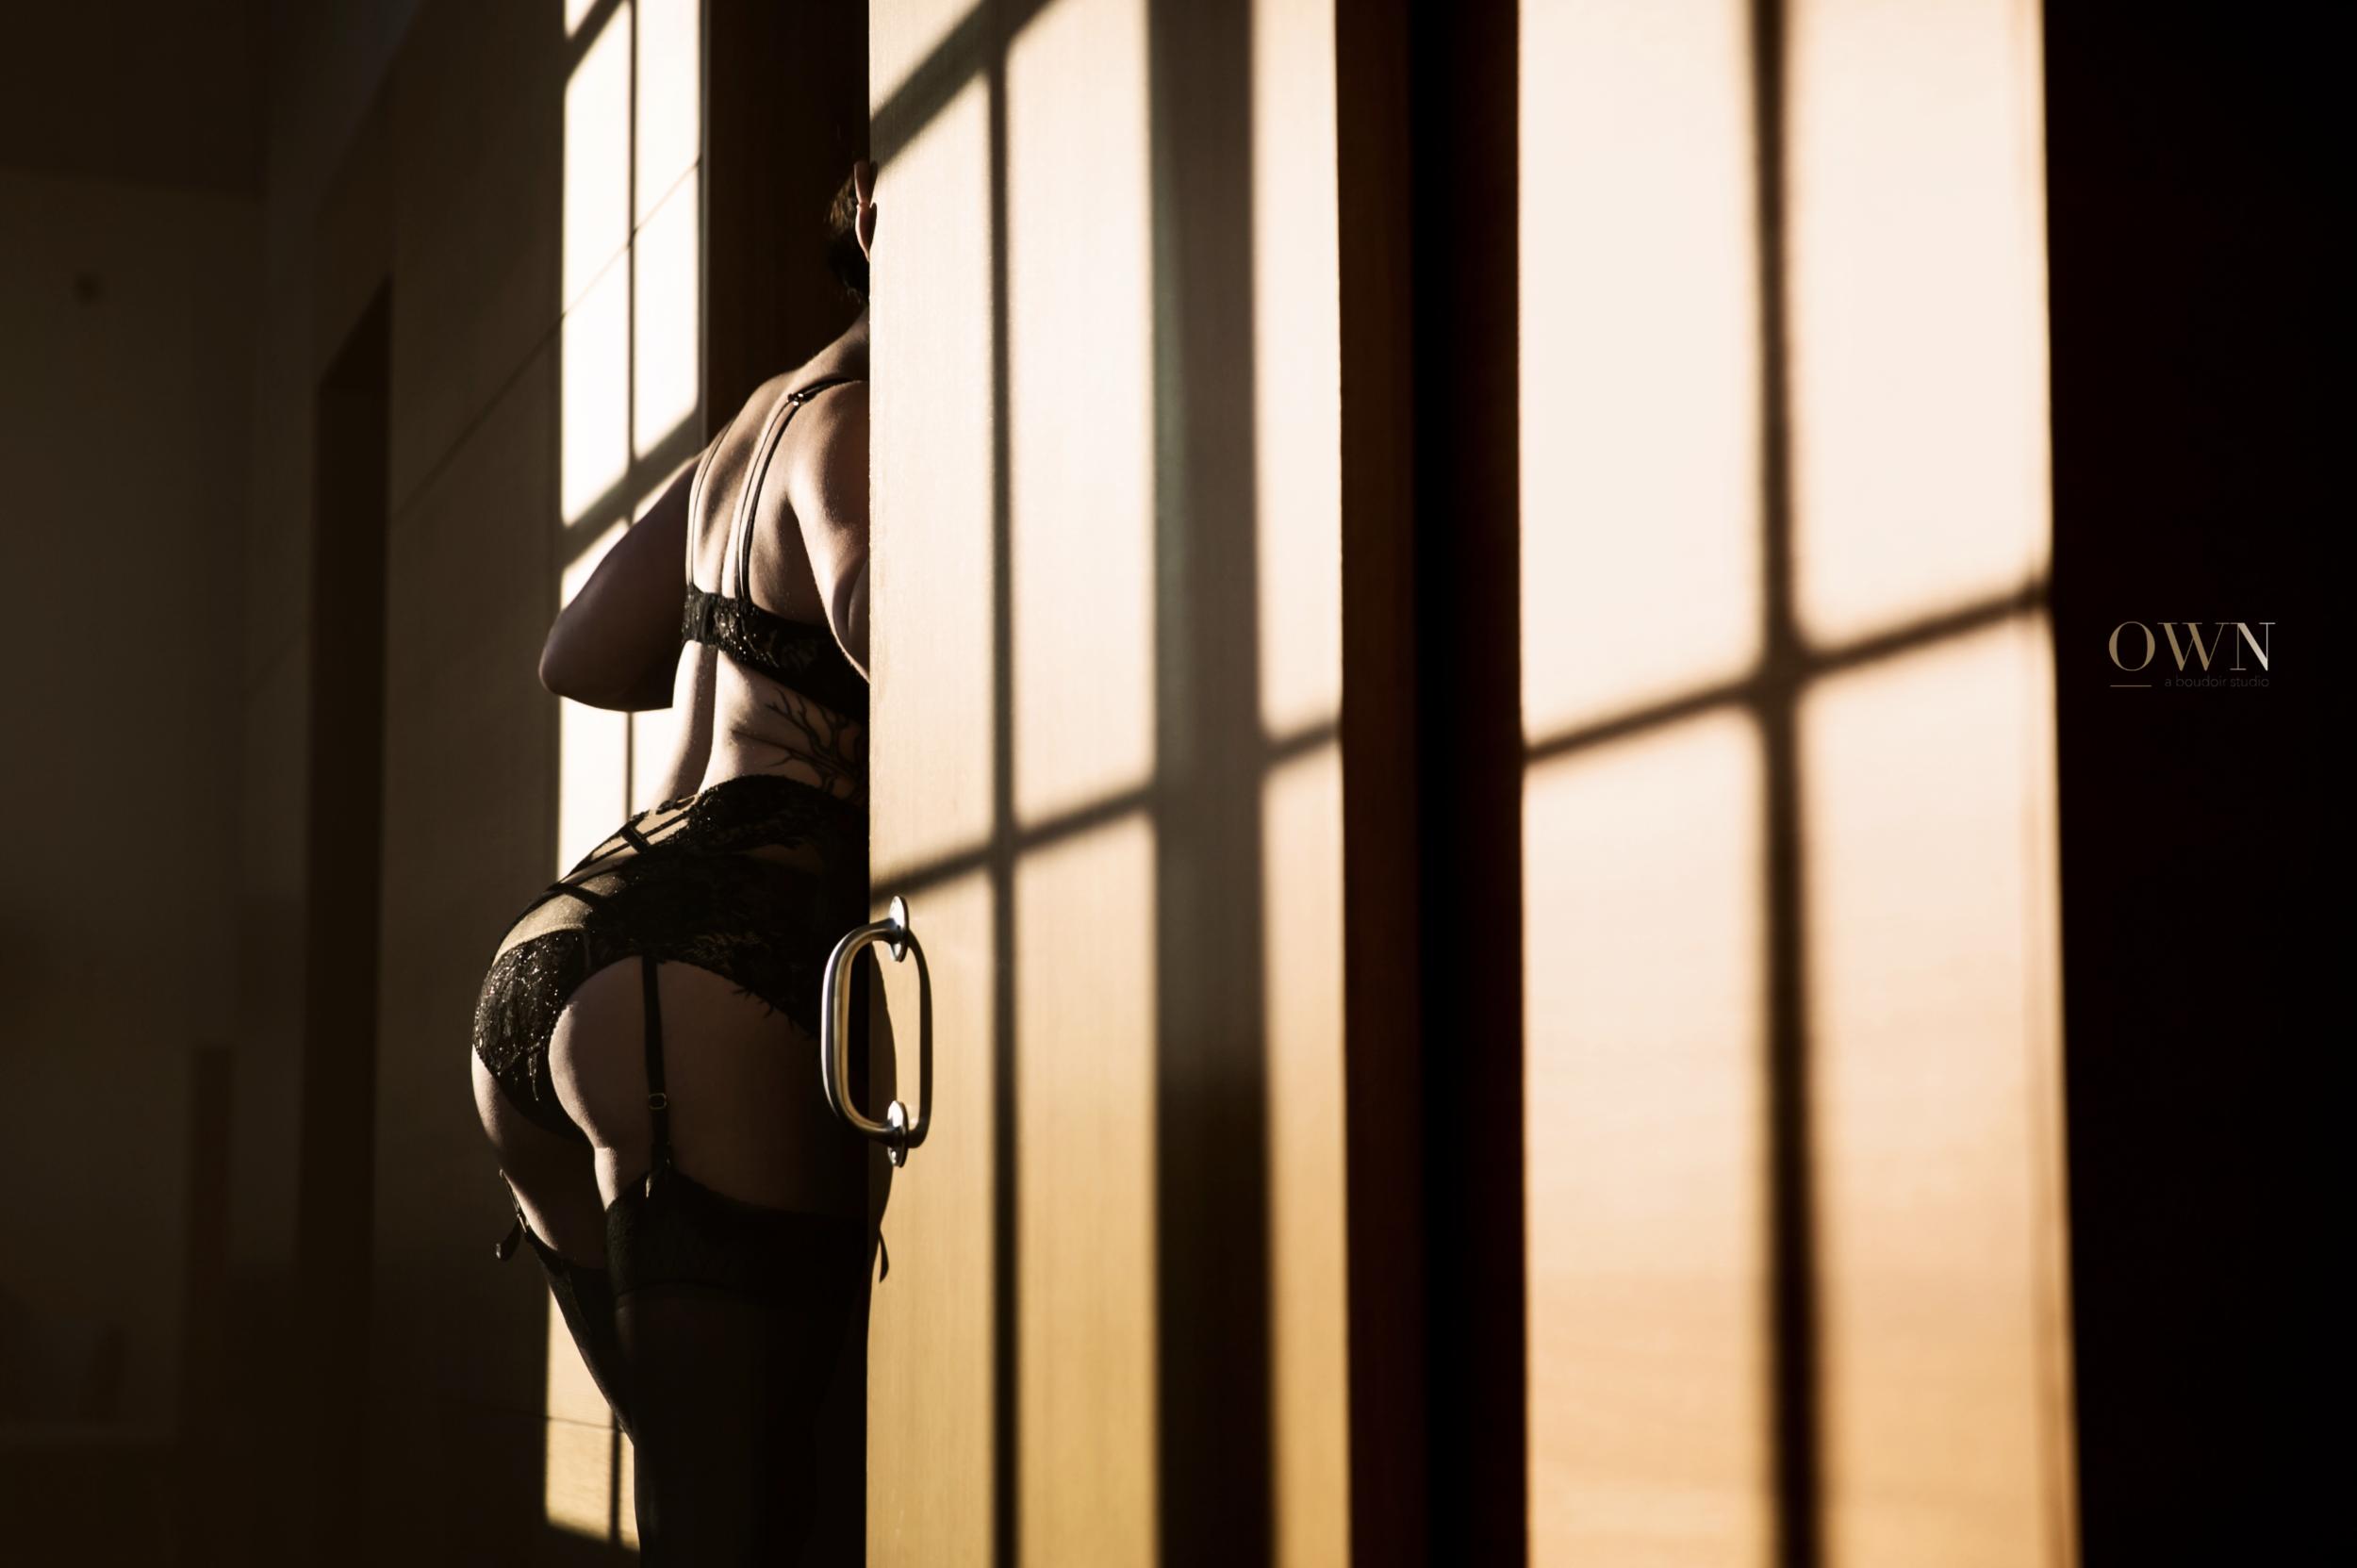 oklahoma city boudoir, agent provocateur boudoir, boudoir session atlanta, atlanta boudoir photographer, boudoir session, boudoir photography, atlanta boudoir, best boudoir atlanta, lingerie photographer